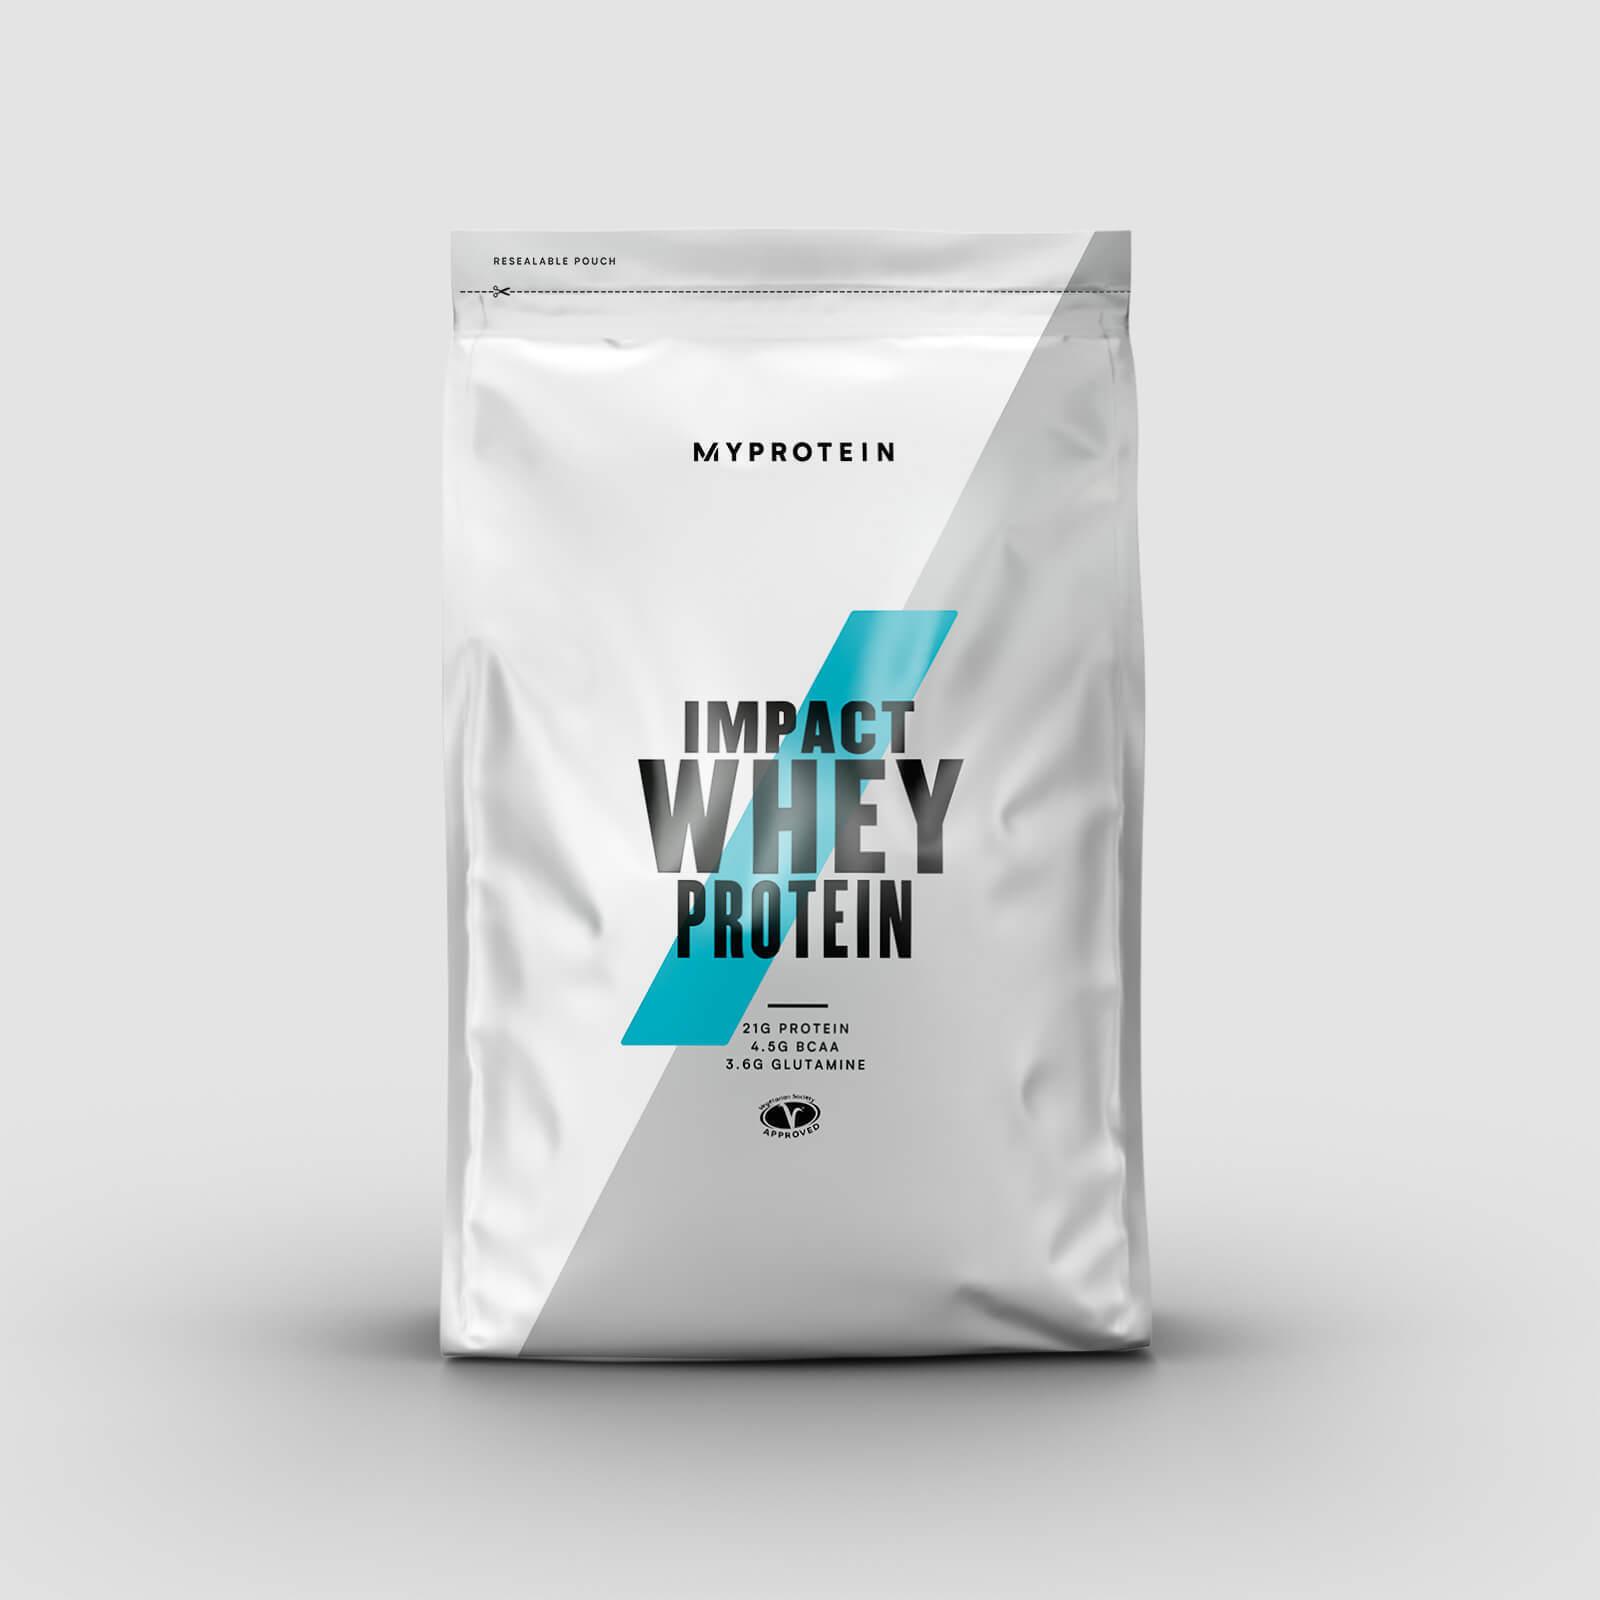 Impact Whey Protein - Eiweiß Aminosäure Glutamin Diät BCAA  Milch - MyProtein